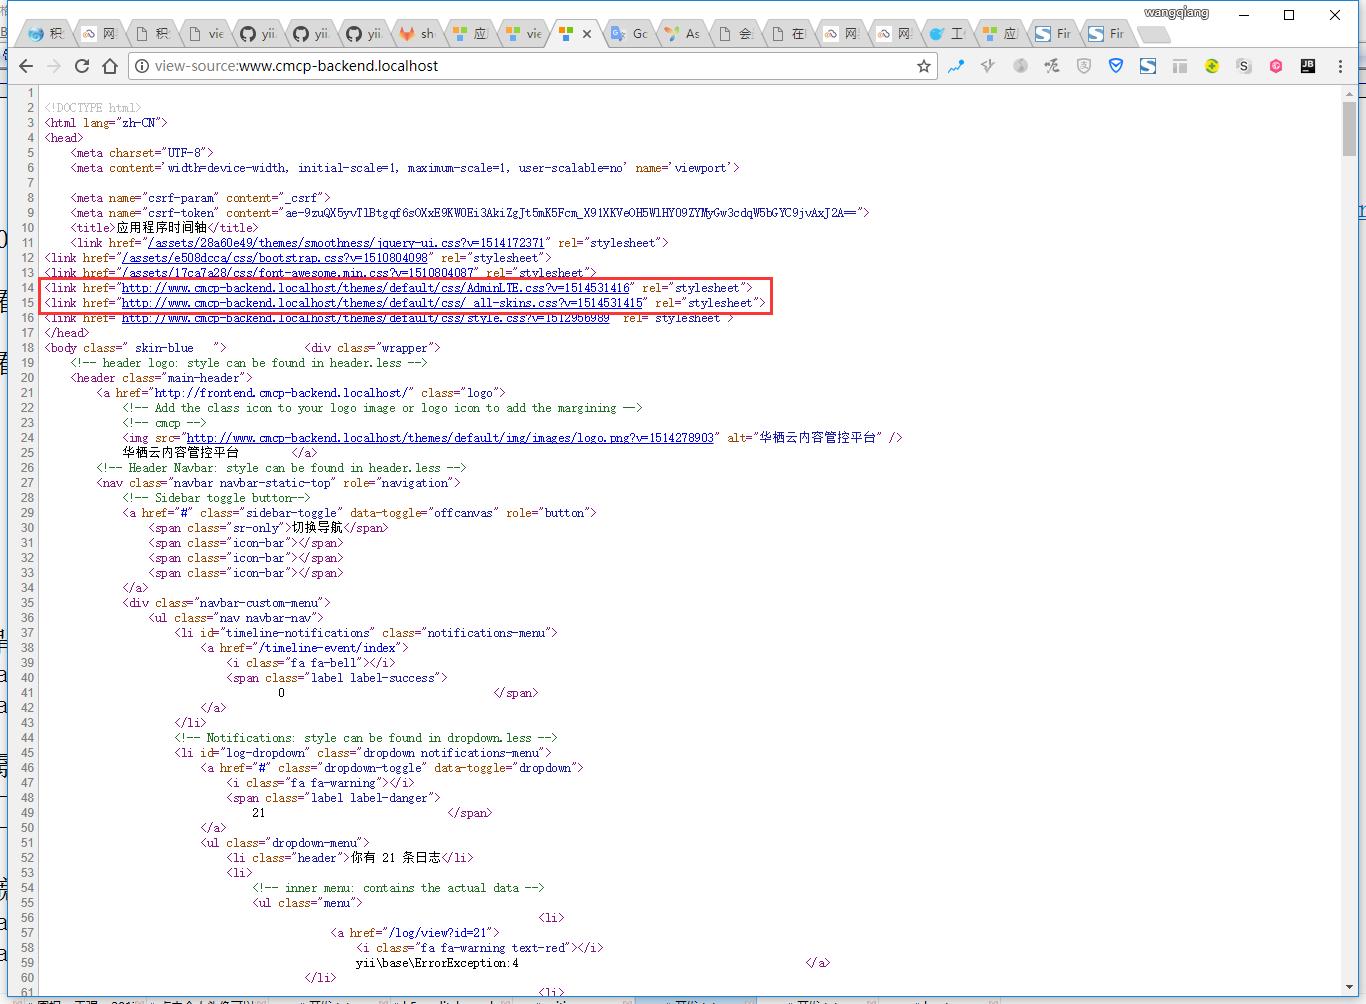 查看源代码,AdminLTE.css、_all-skins.css,已经实现主题化了